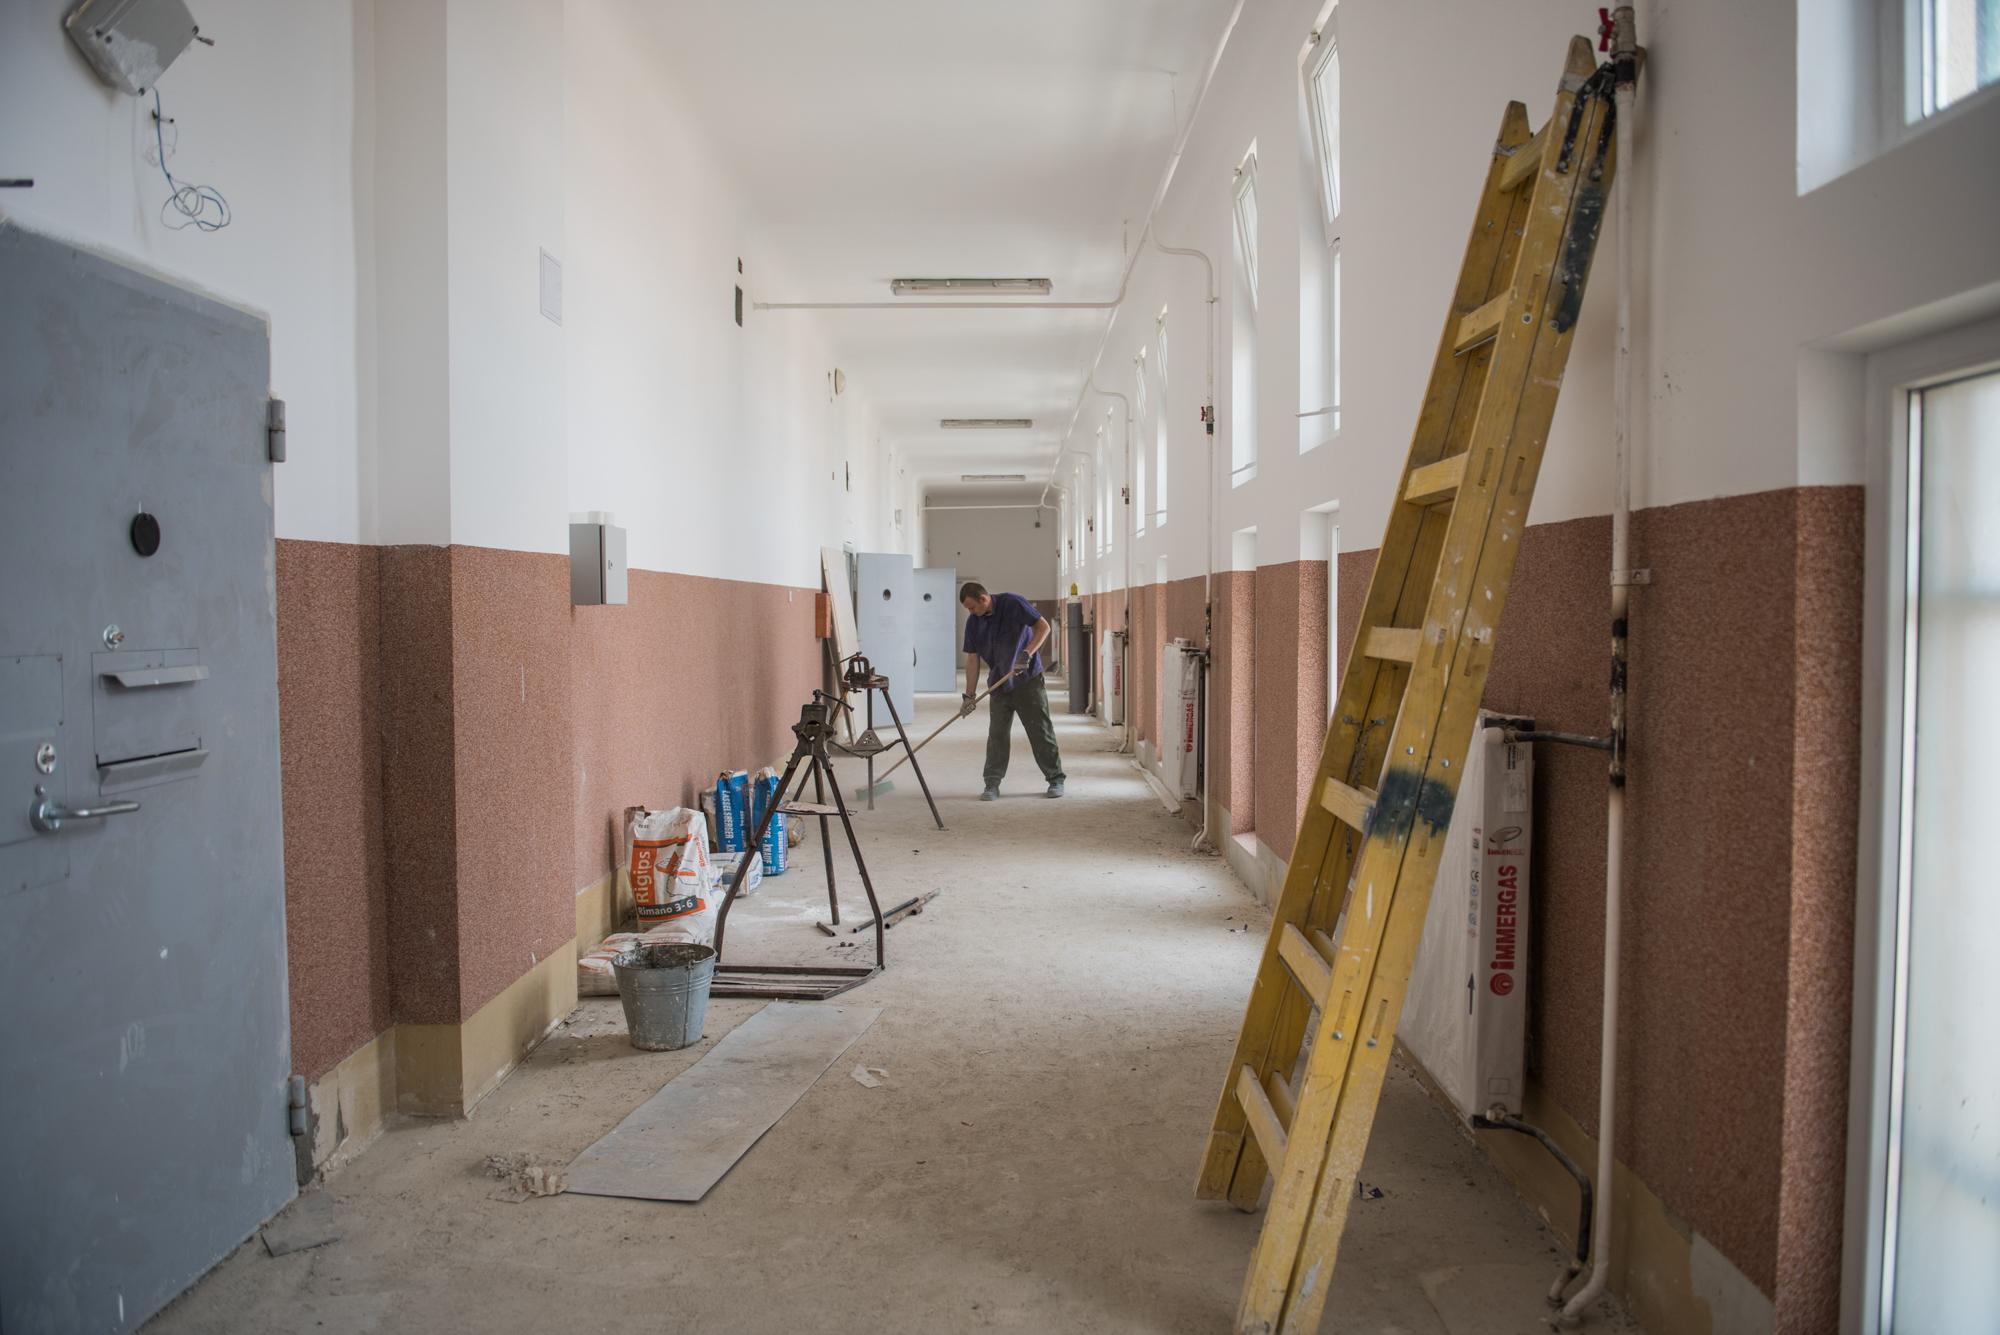 Fogvatartottak dolgoznak a börtönök felújításában